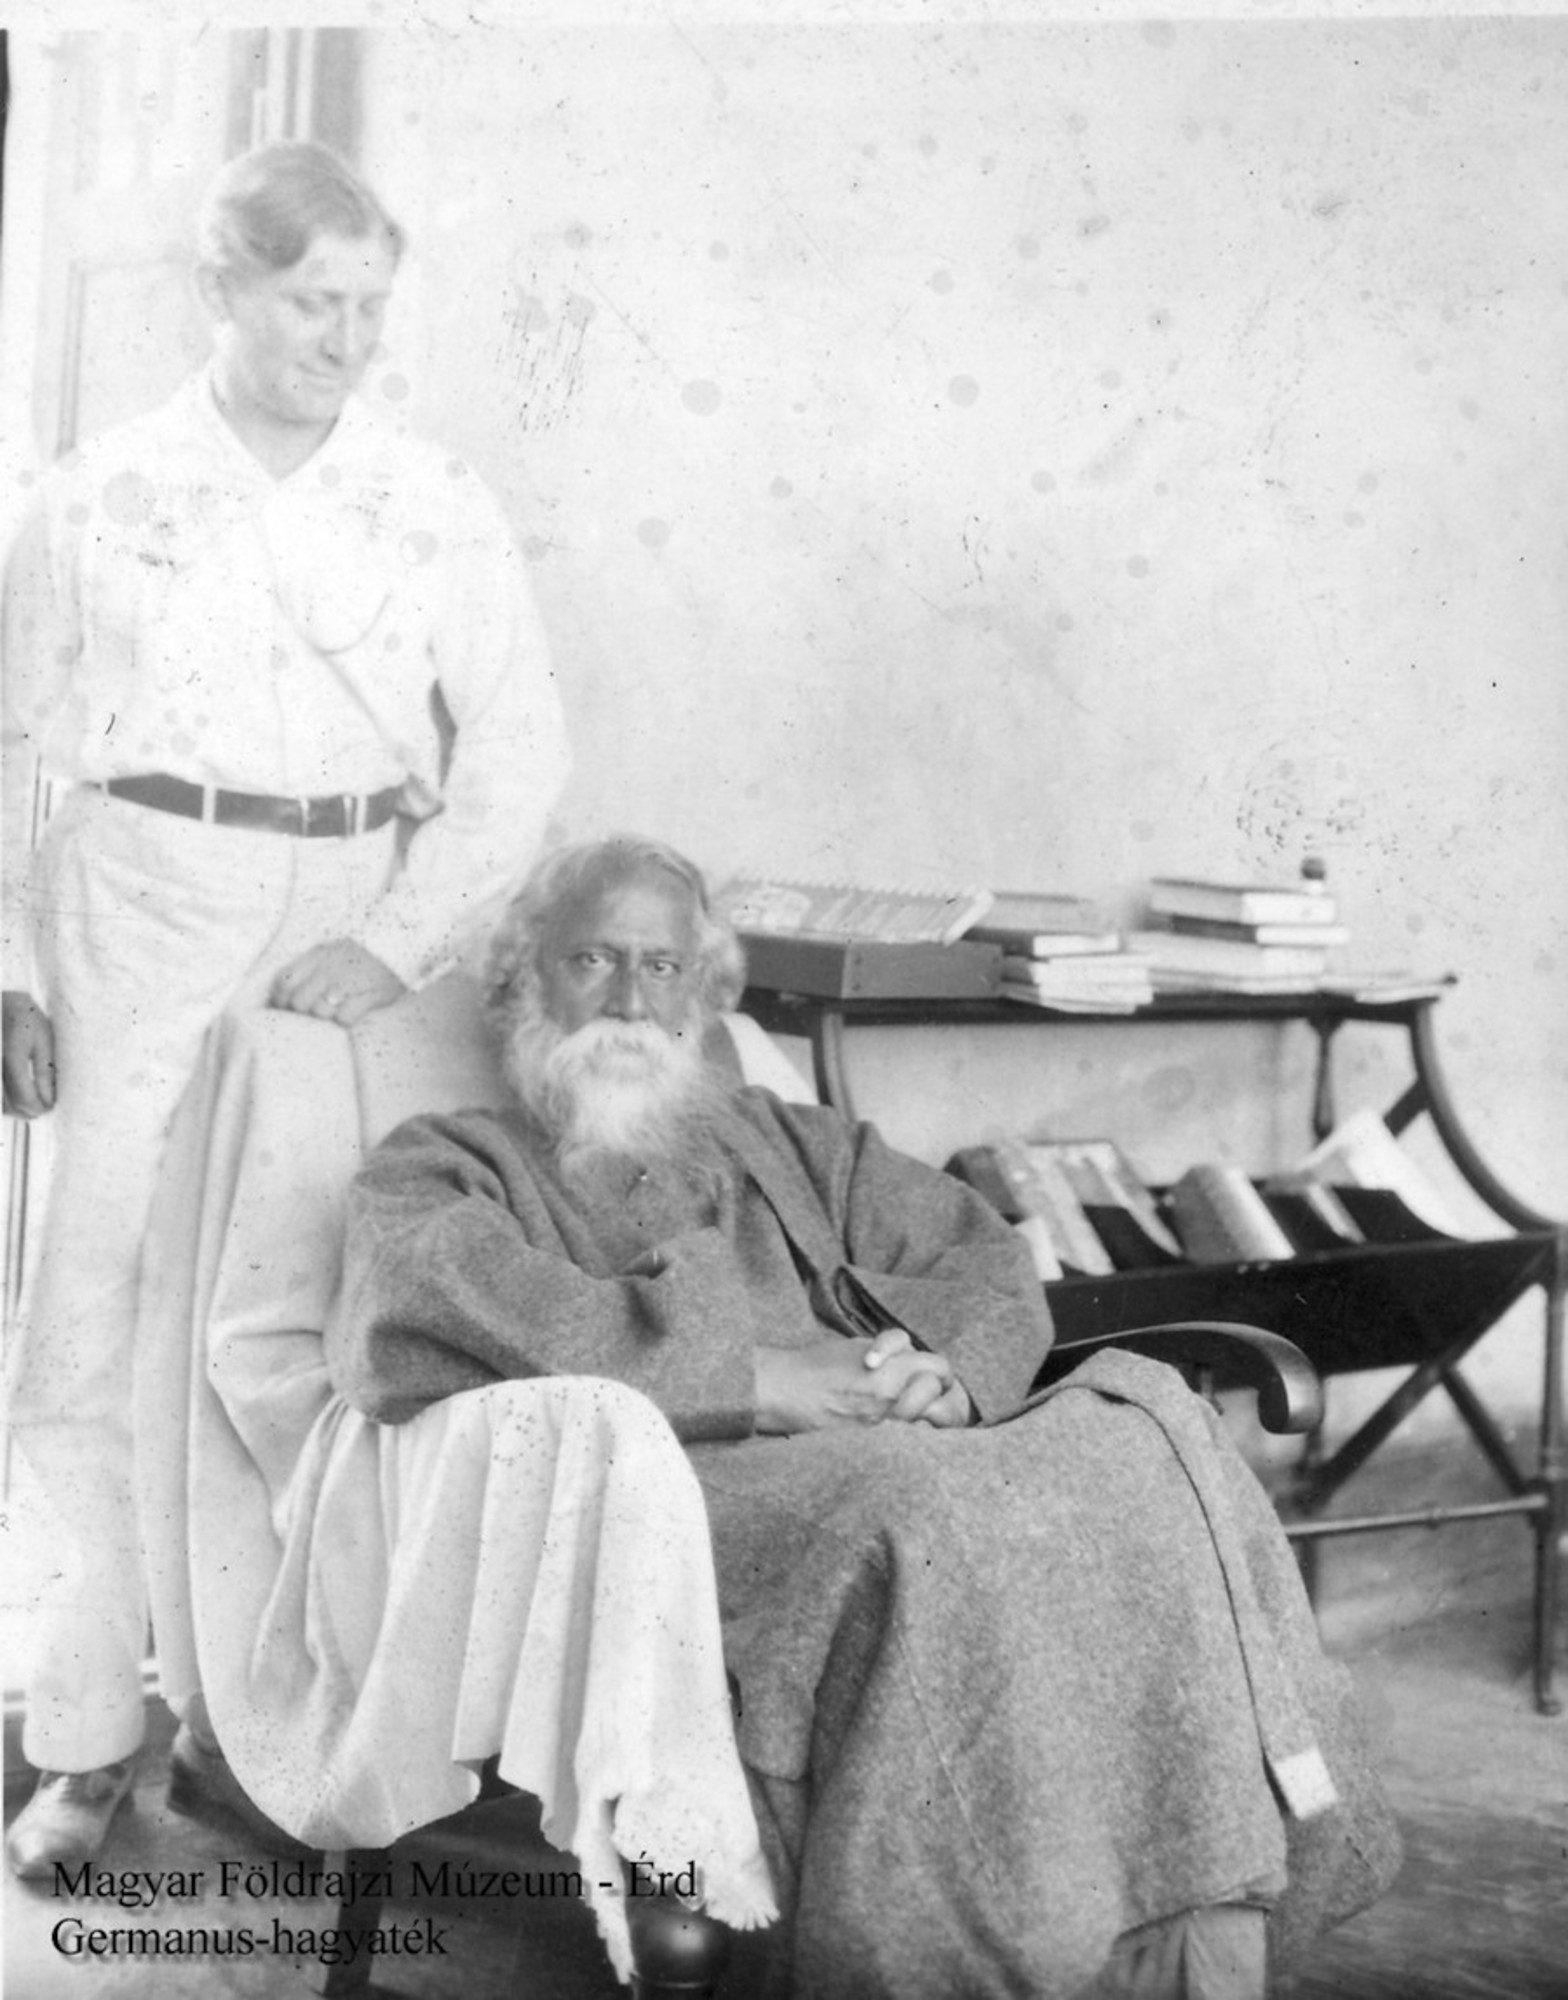 Germanus Gyula indiai éveiről (1929-1932)